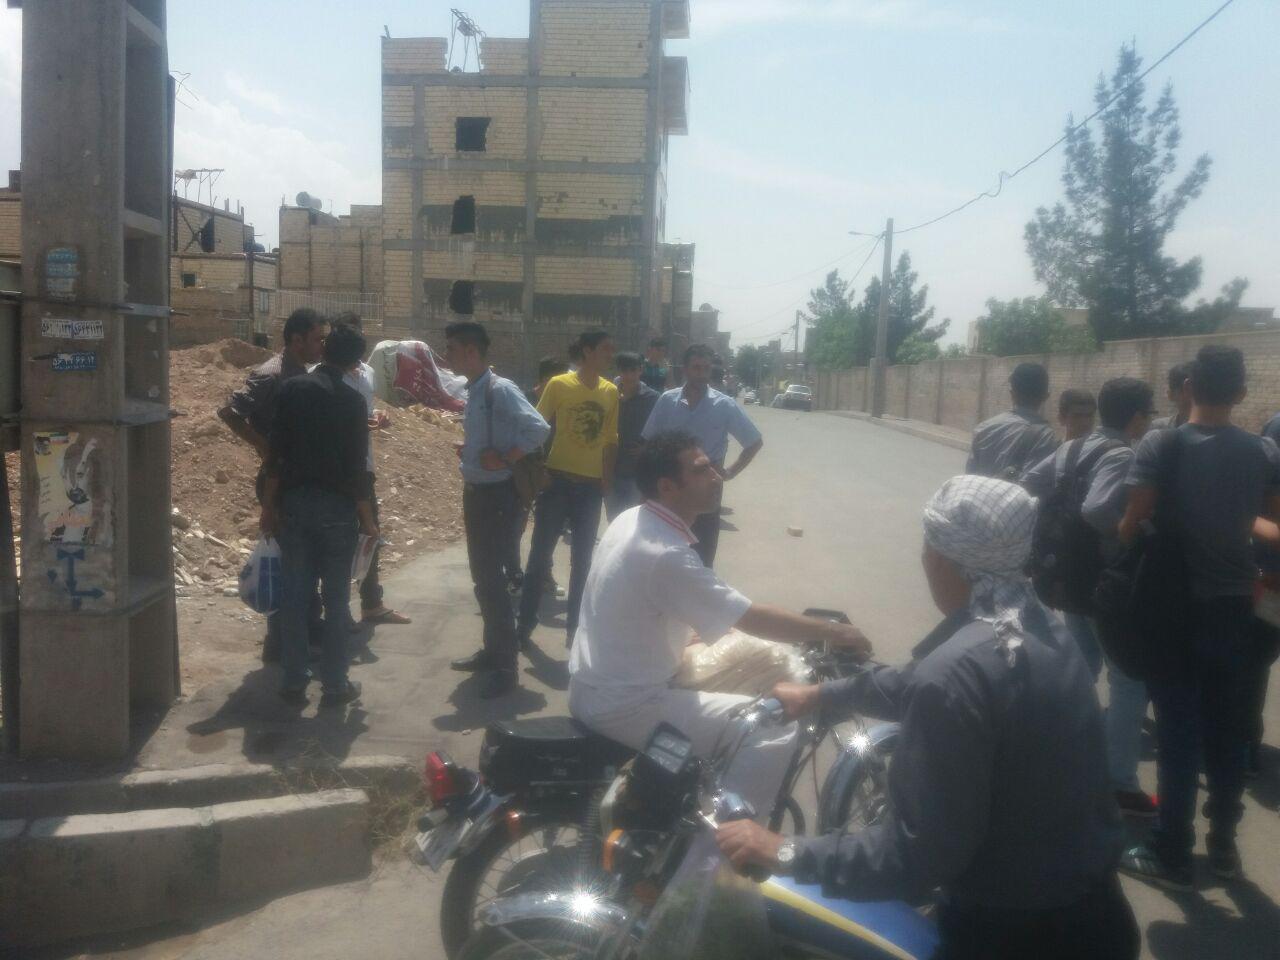 قتل دانش آموز رباط کریمی به صورت یکهویی در خیابان! + عکس